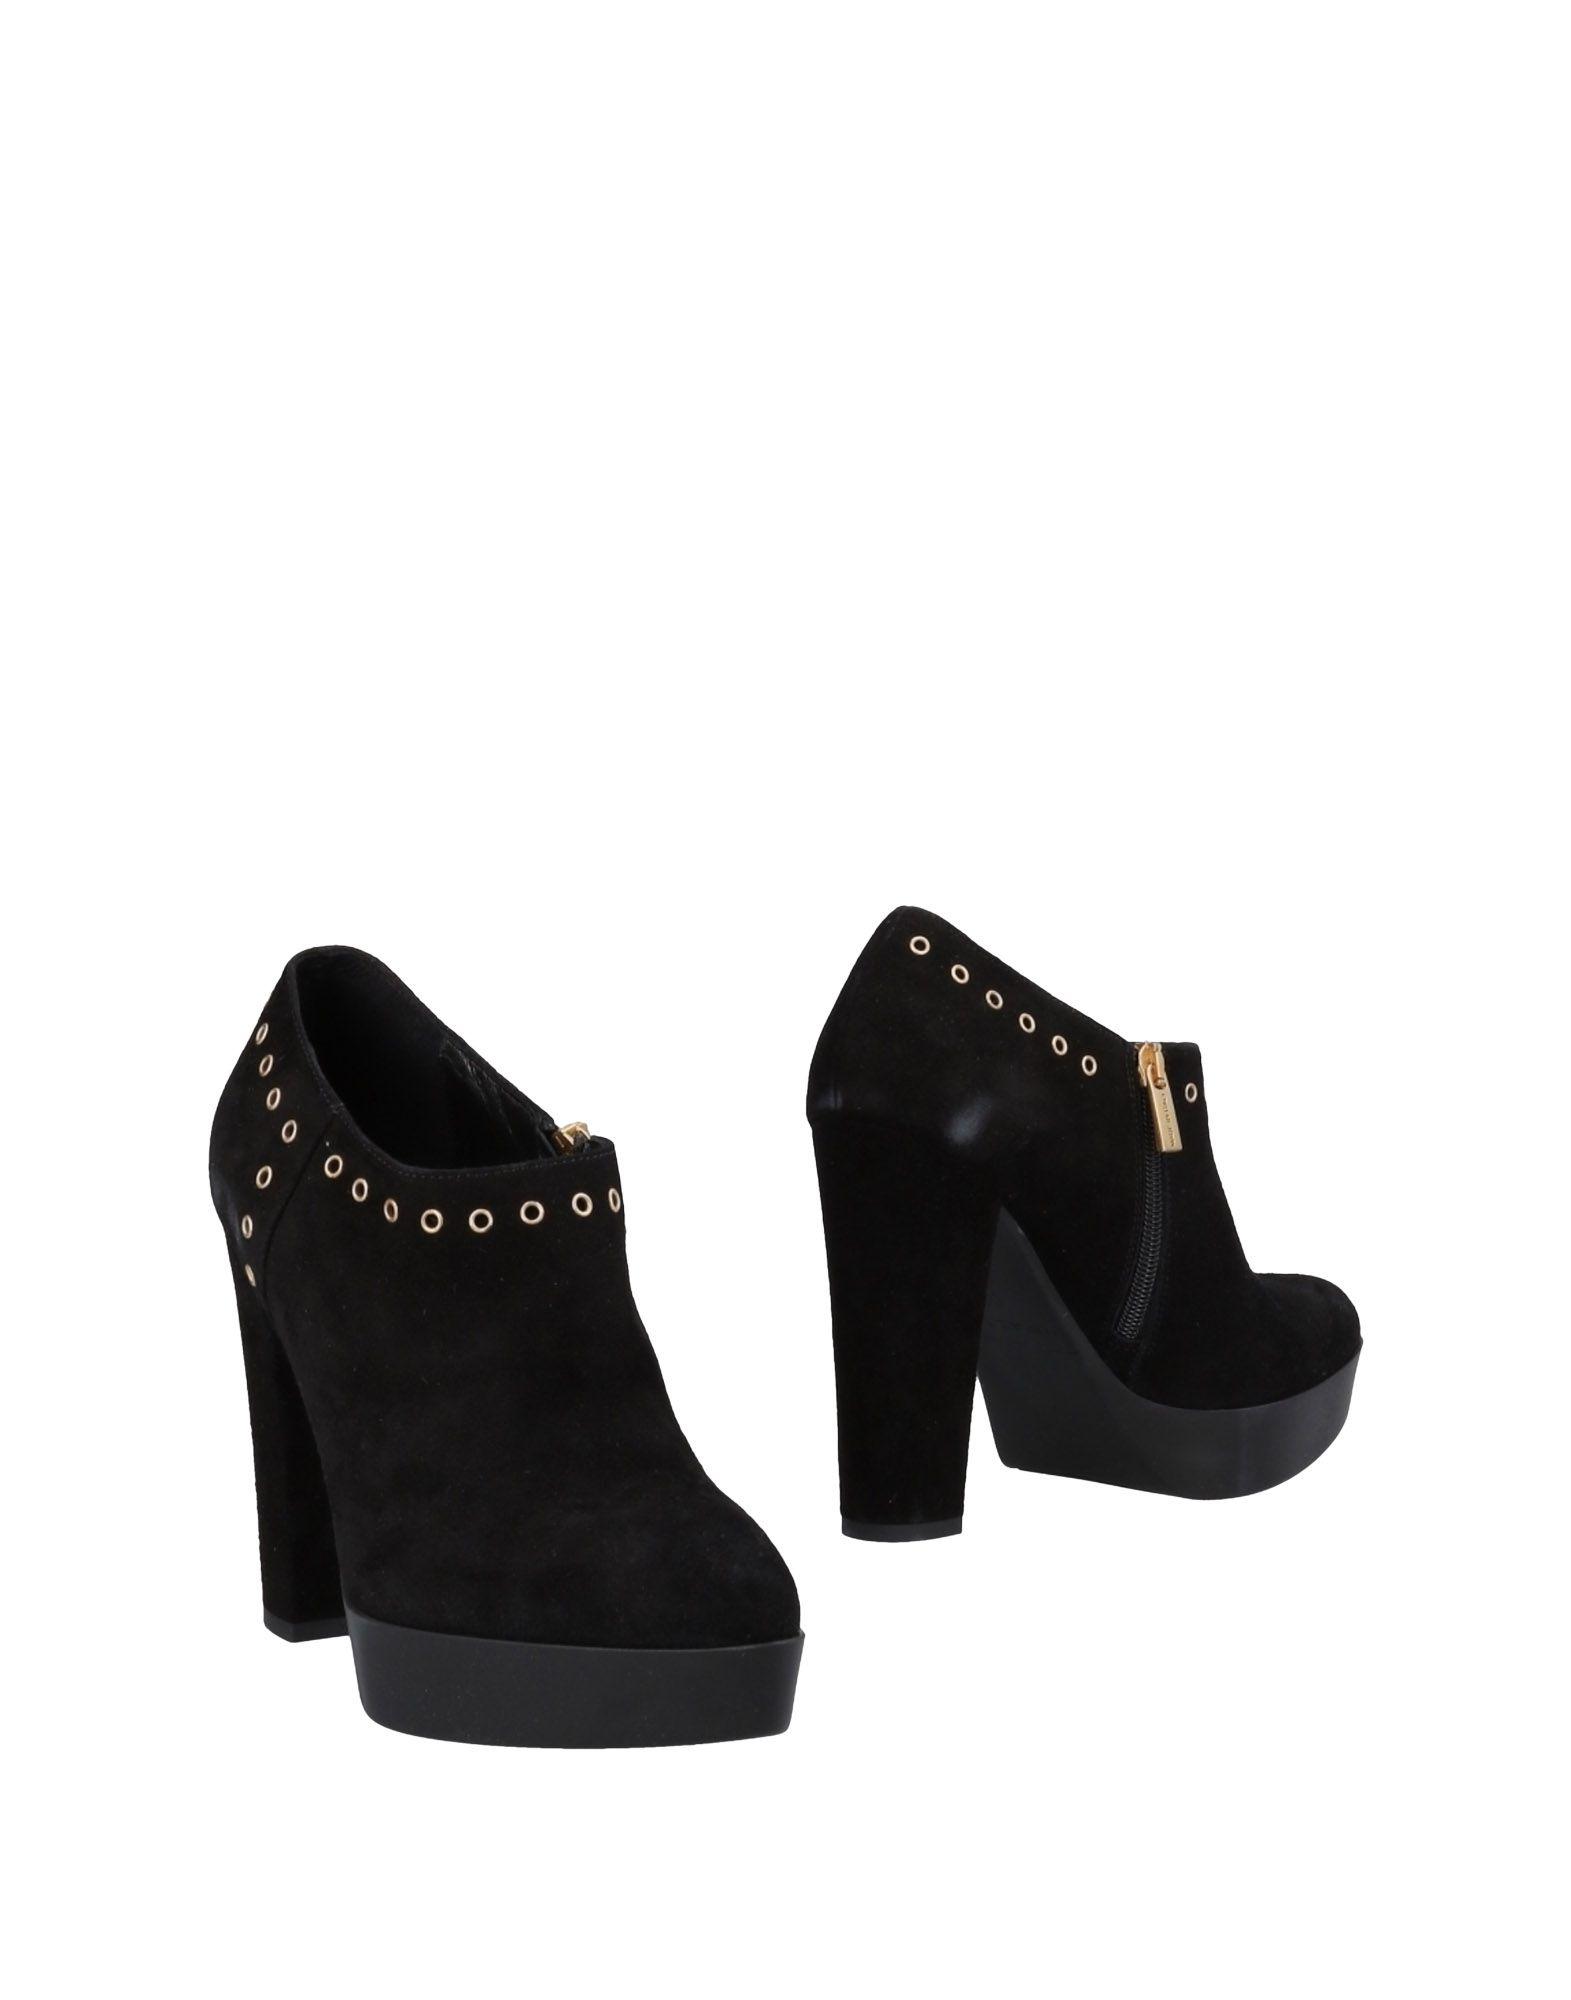 Pavin Stiefelette Damen  beliebte 11483541DX Gute Qualität beliebte  Schuhe b387c1